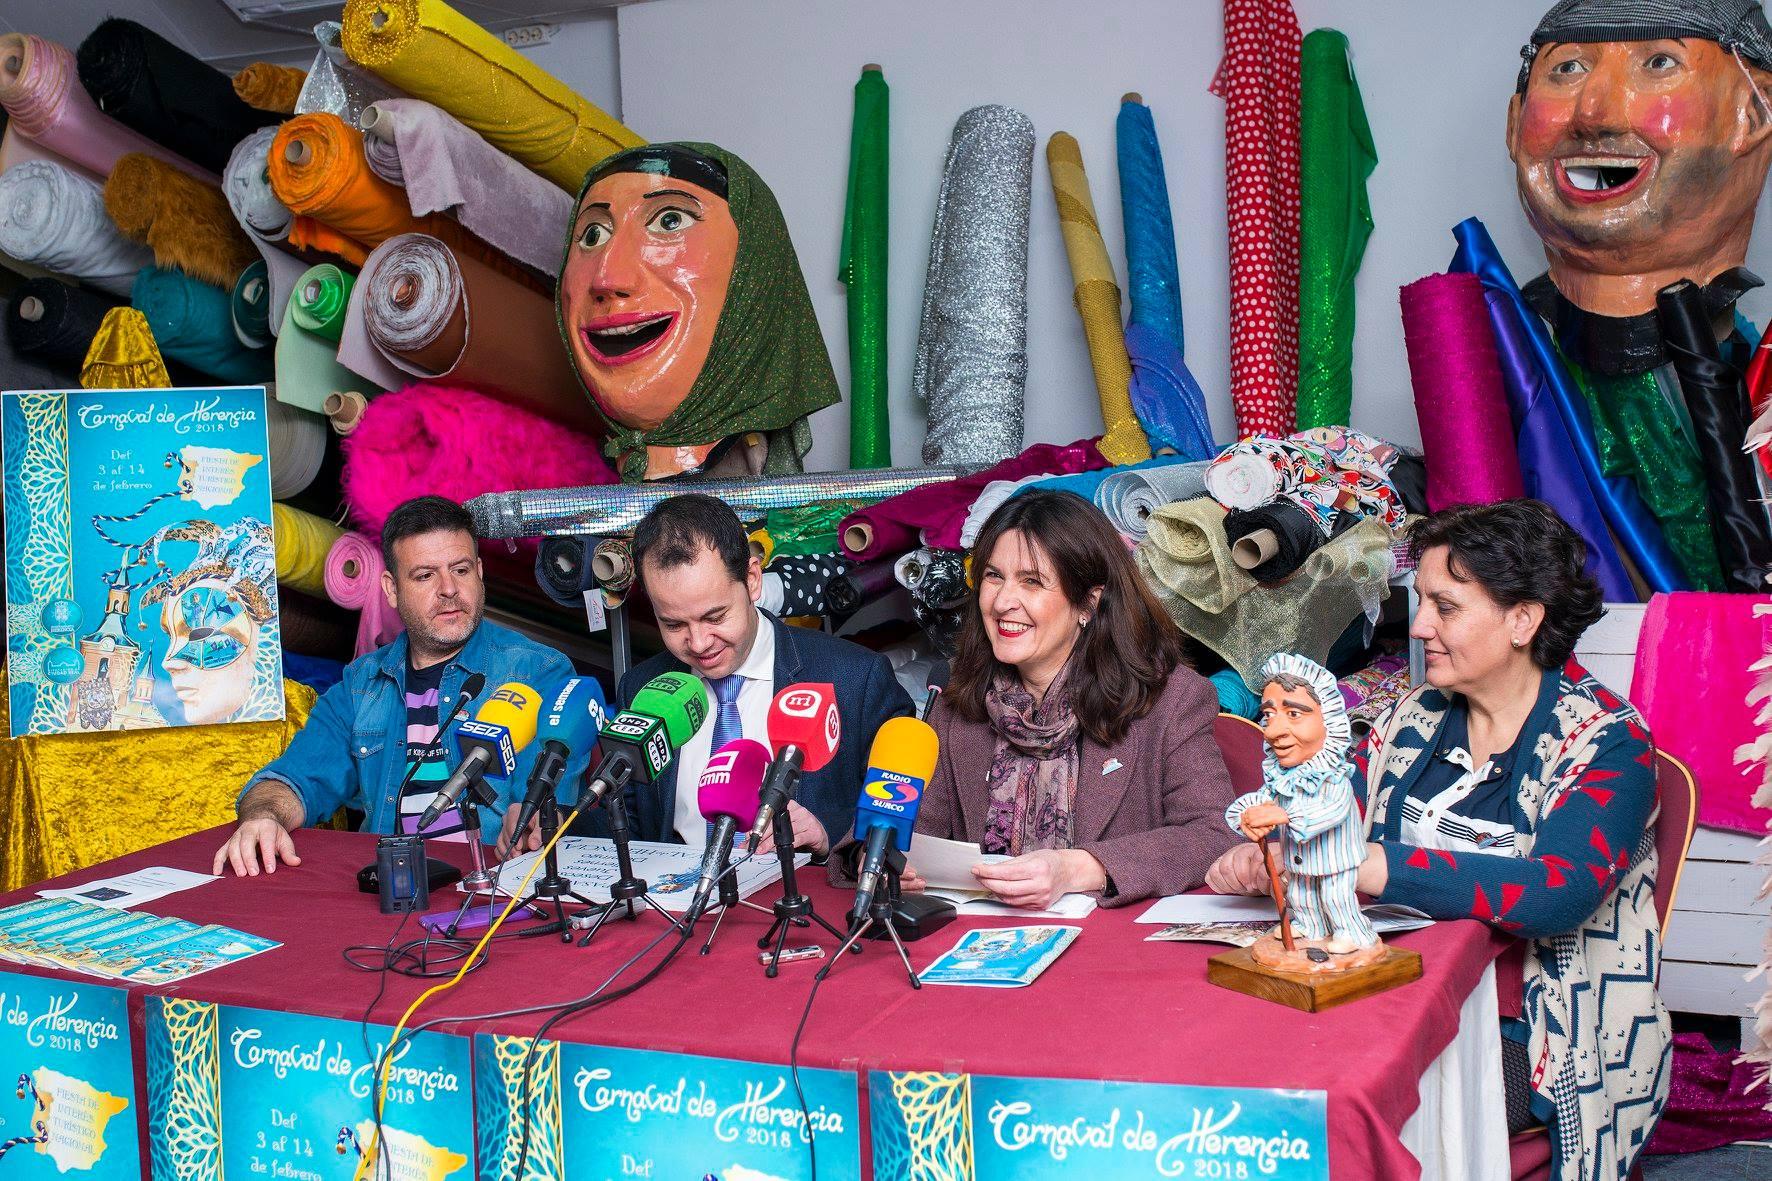 Manu Tenorio pregonero Carnaval de Herencia. Foto redes sociales.